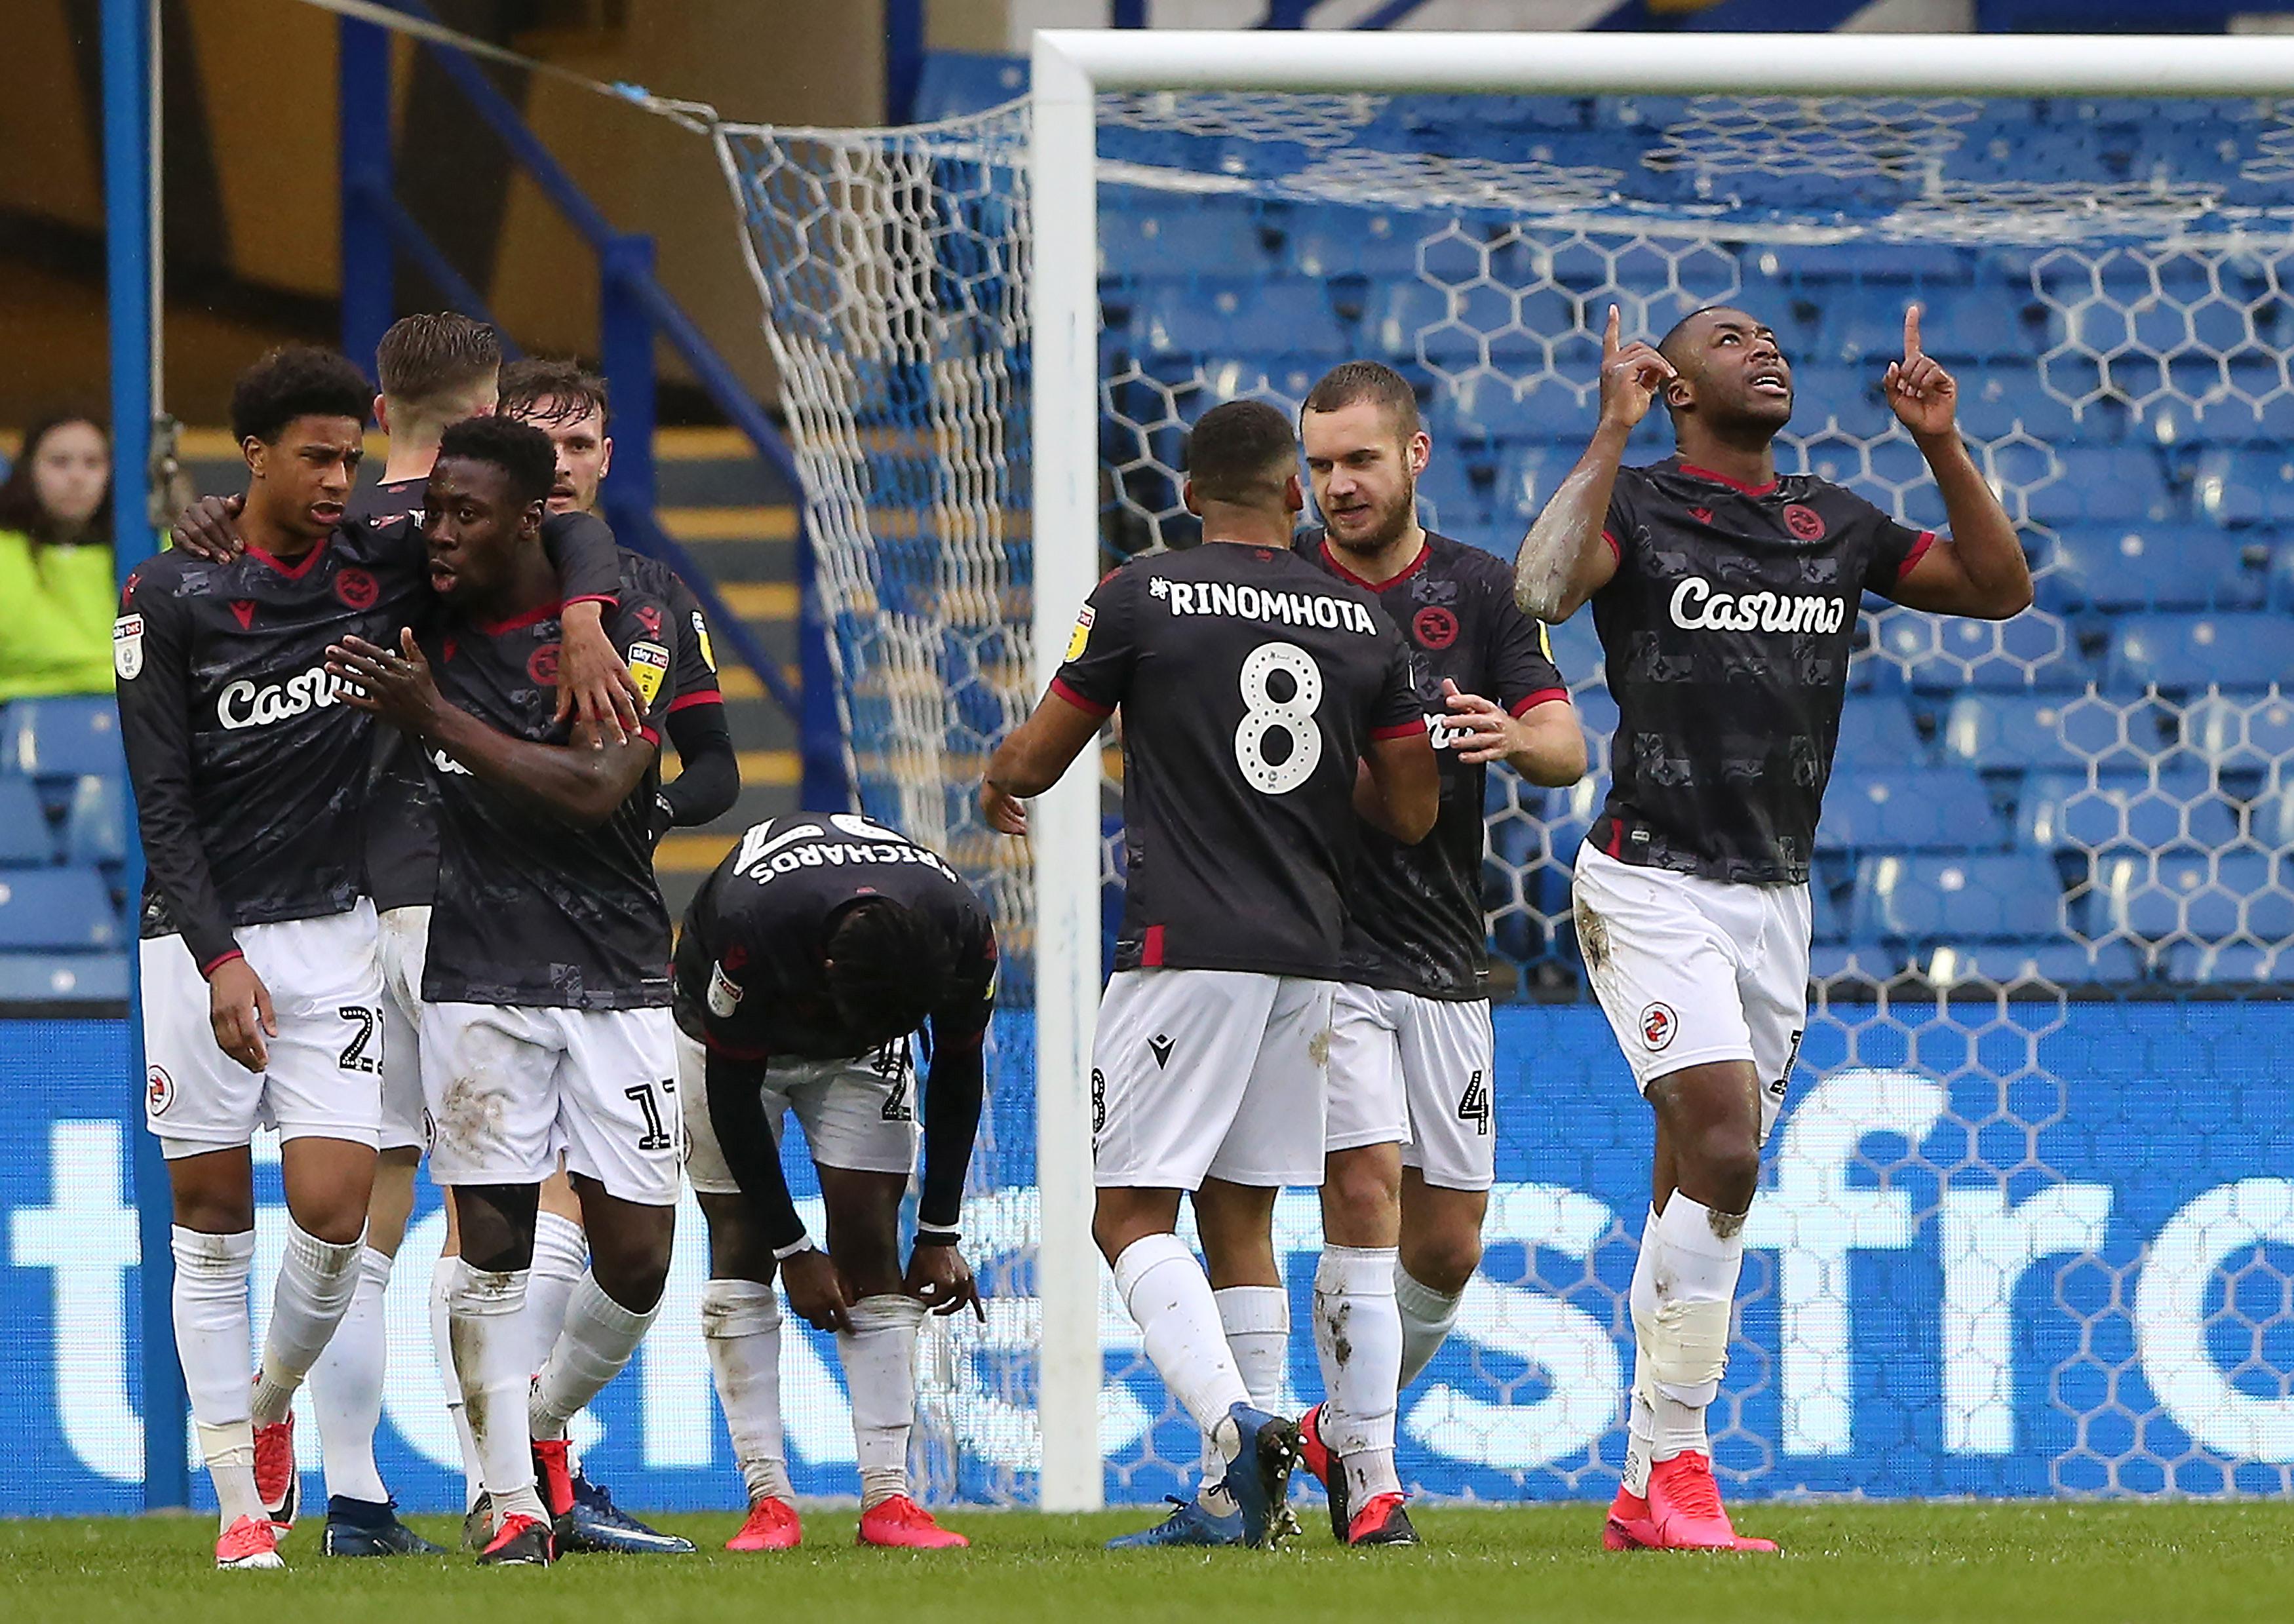 Sheffield Wednesday v Reading - Sky Bet Championship